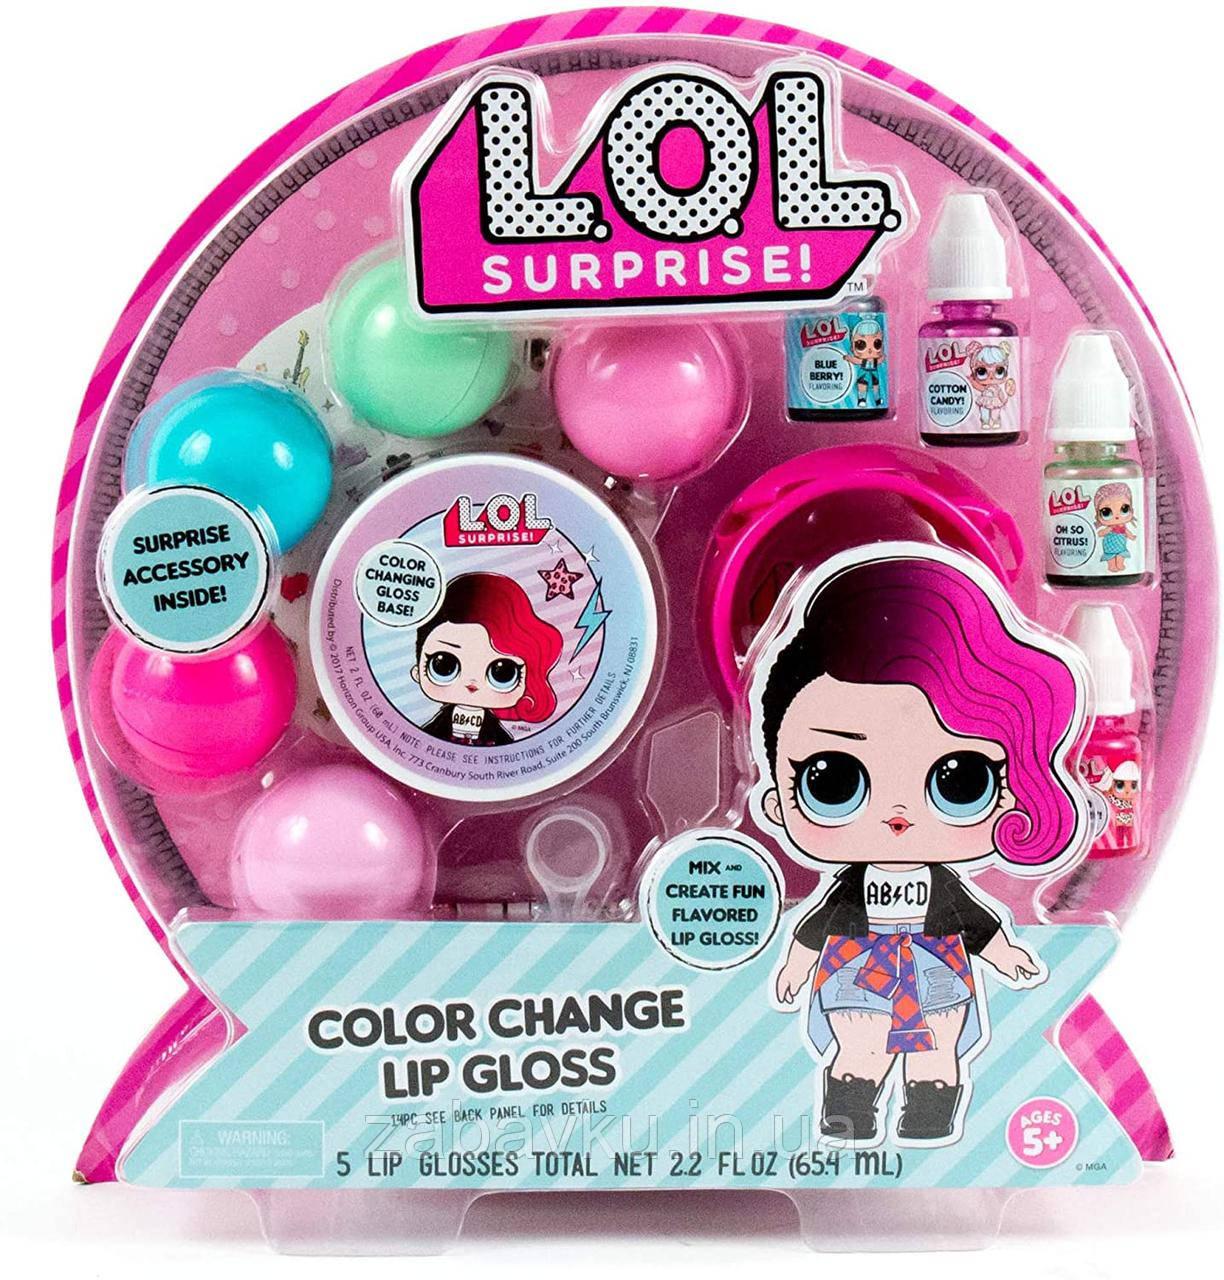 L.O.L. Surprise! Color Change Lip Gloss By Horizon Group USA Набор блесков помад для девочки лол